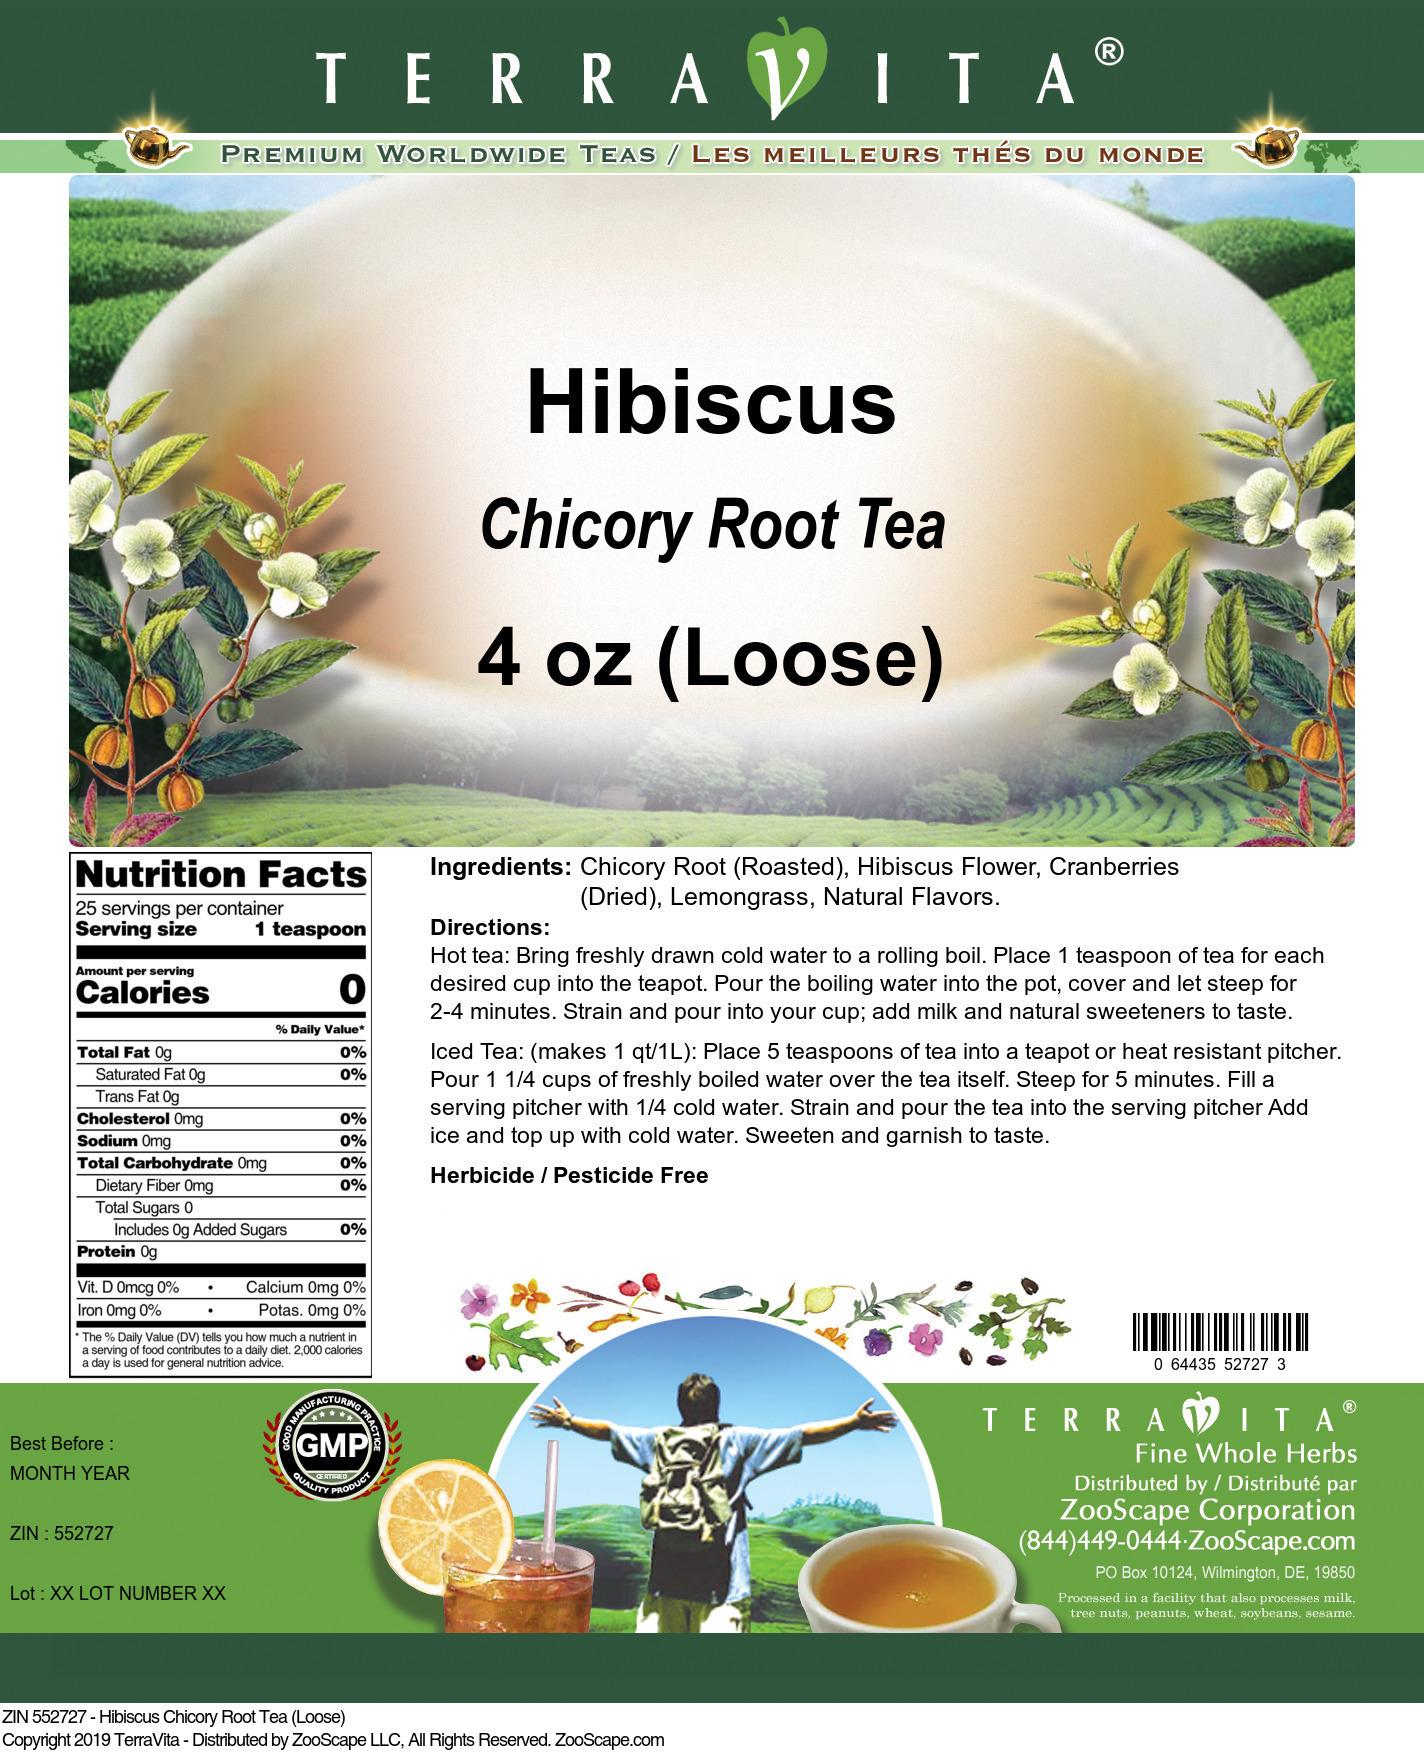 Hibiscus Chicory Root